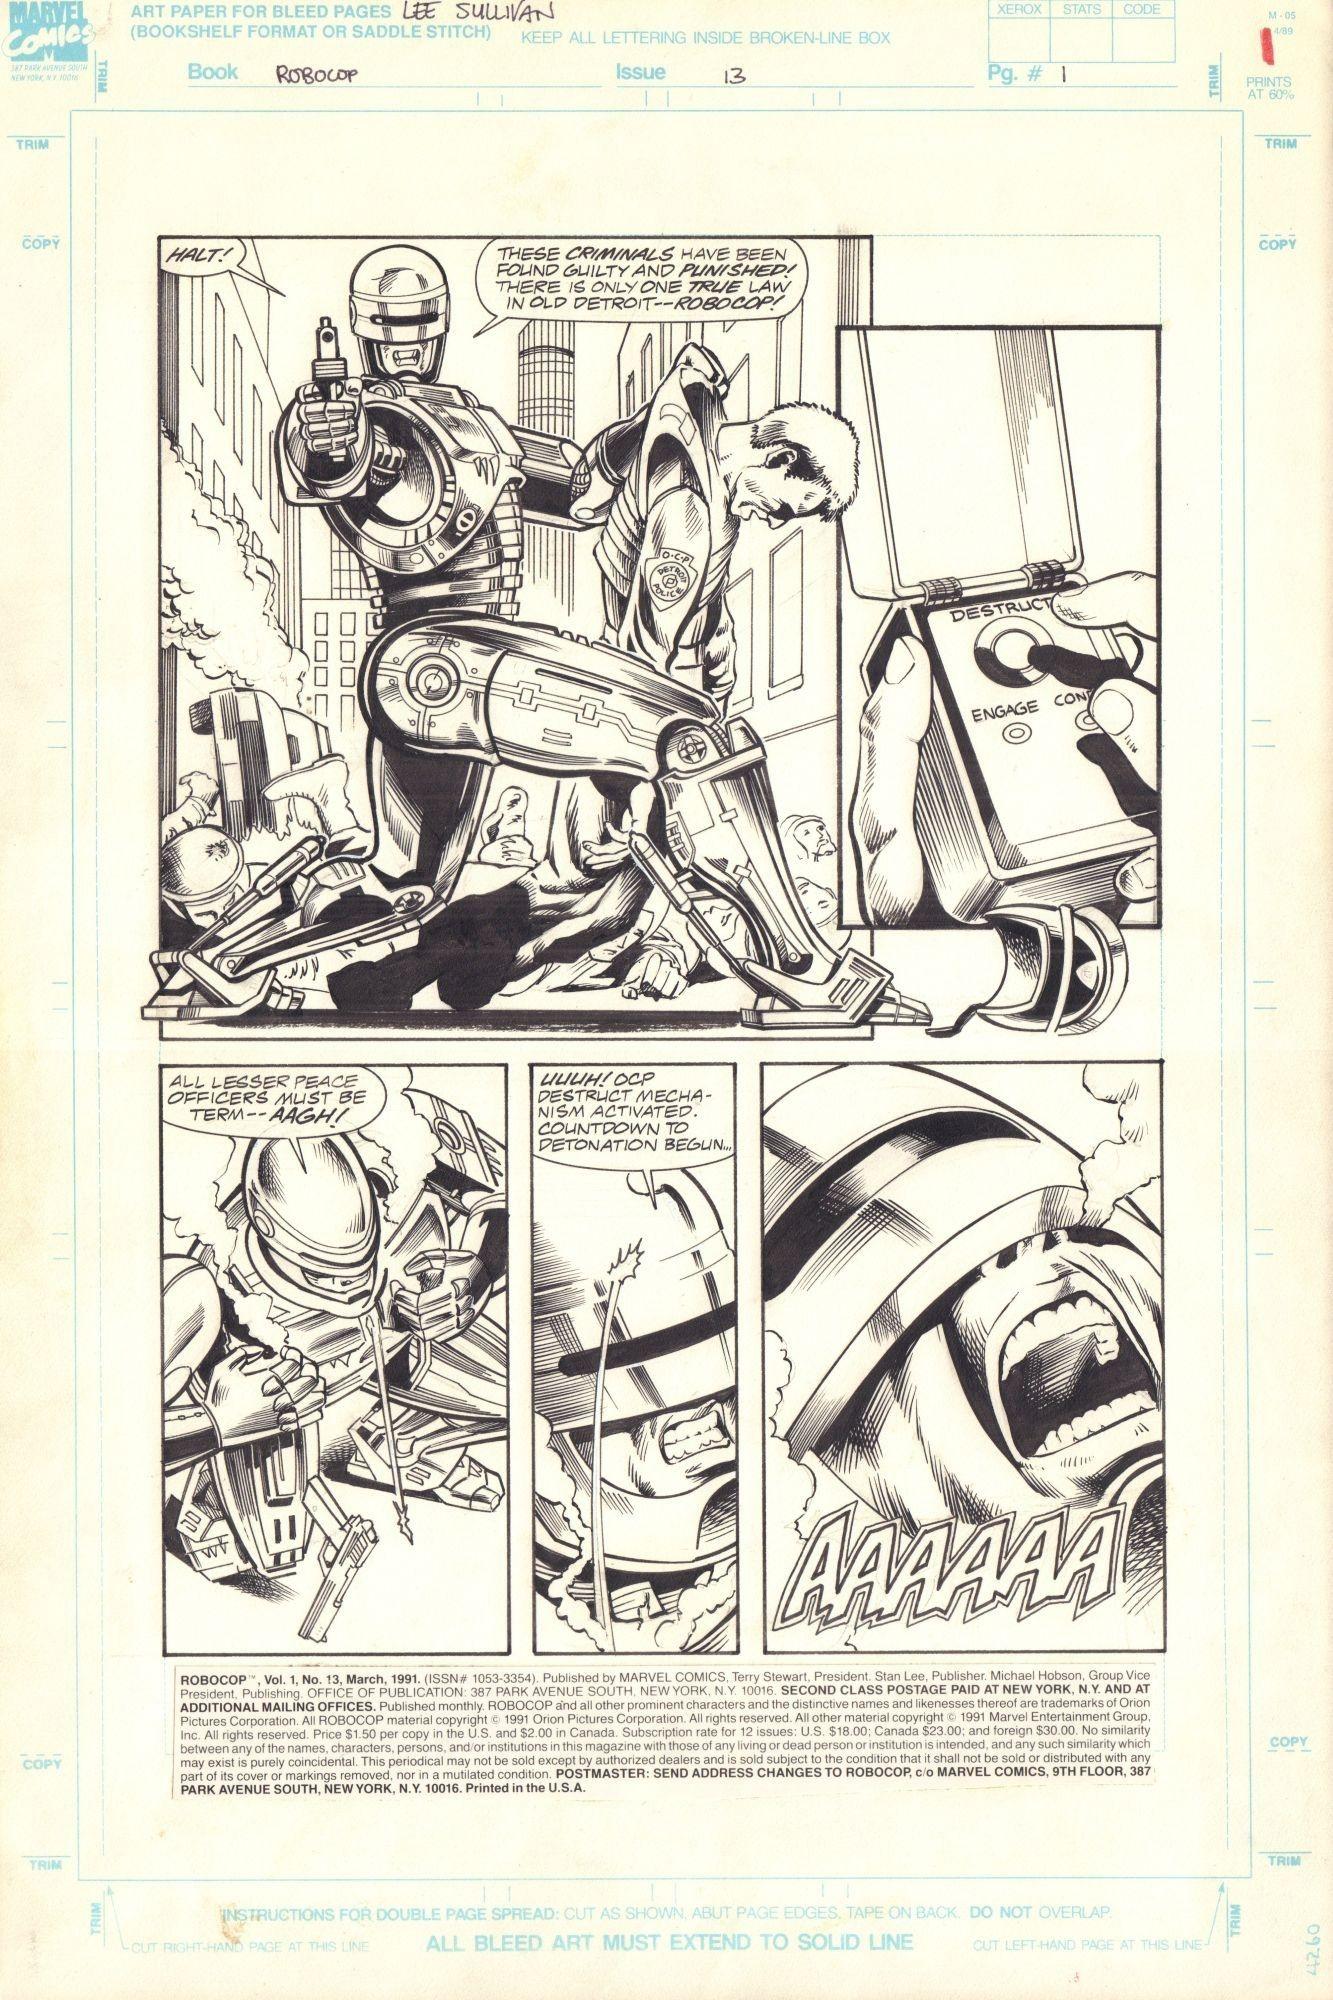 Robocop #13 / 1